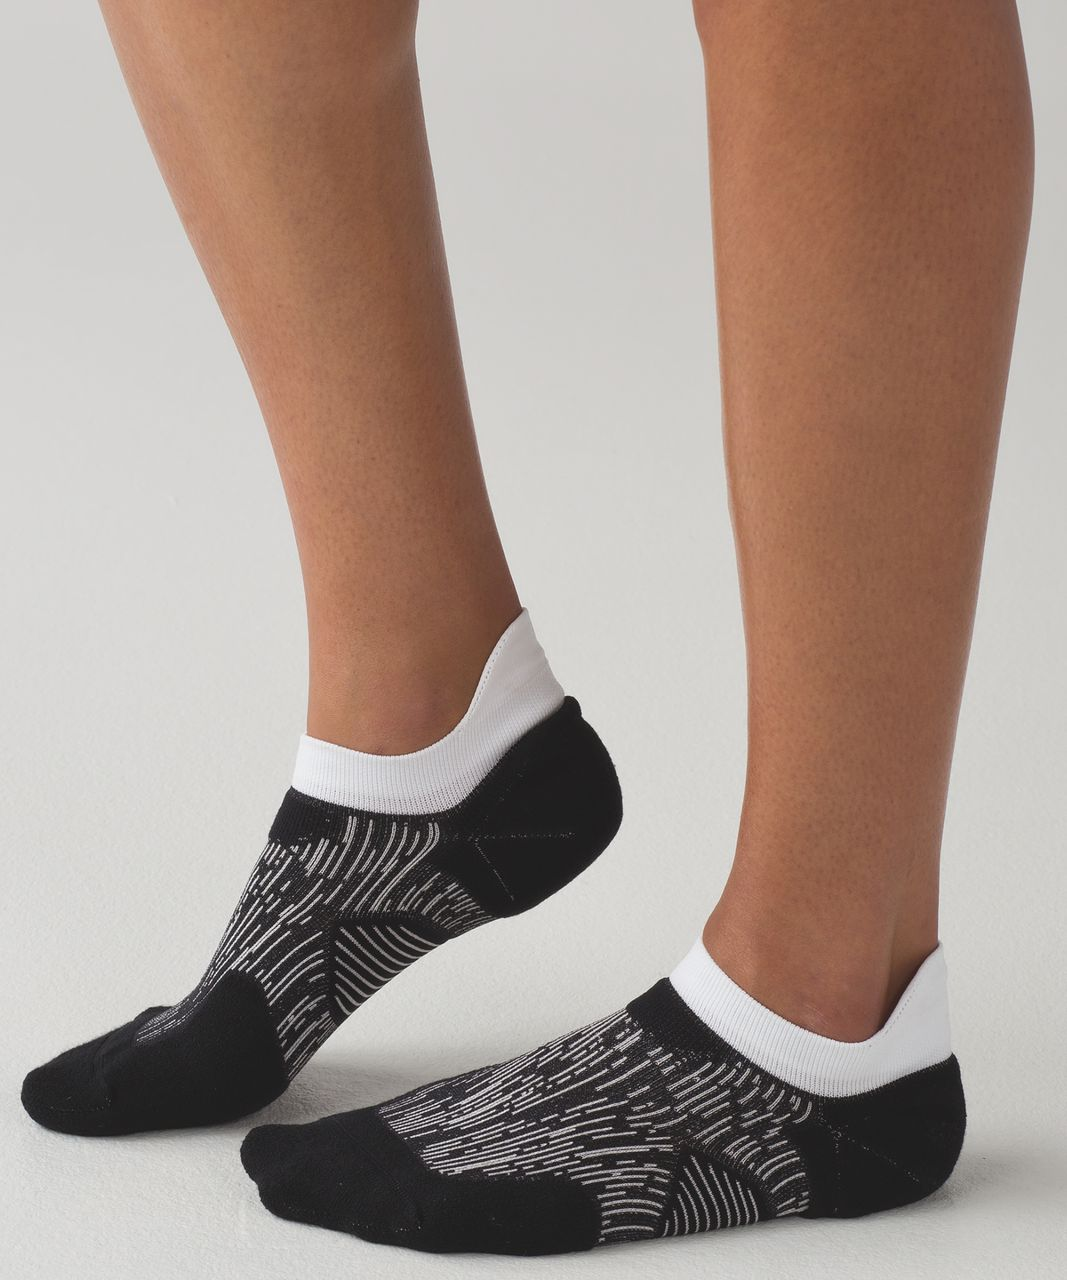 Lululemon High Speed Sock (Silver) - Black / White